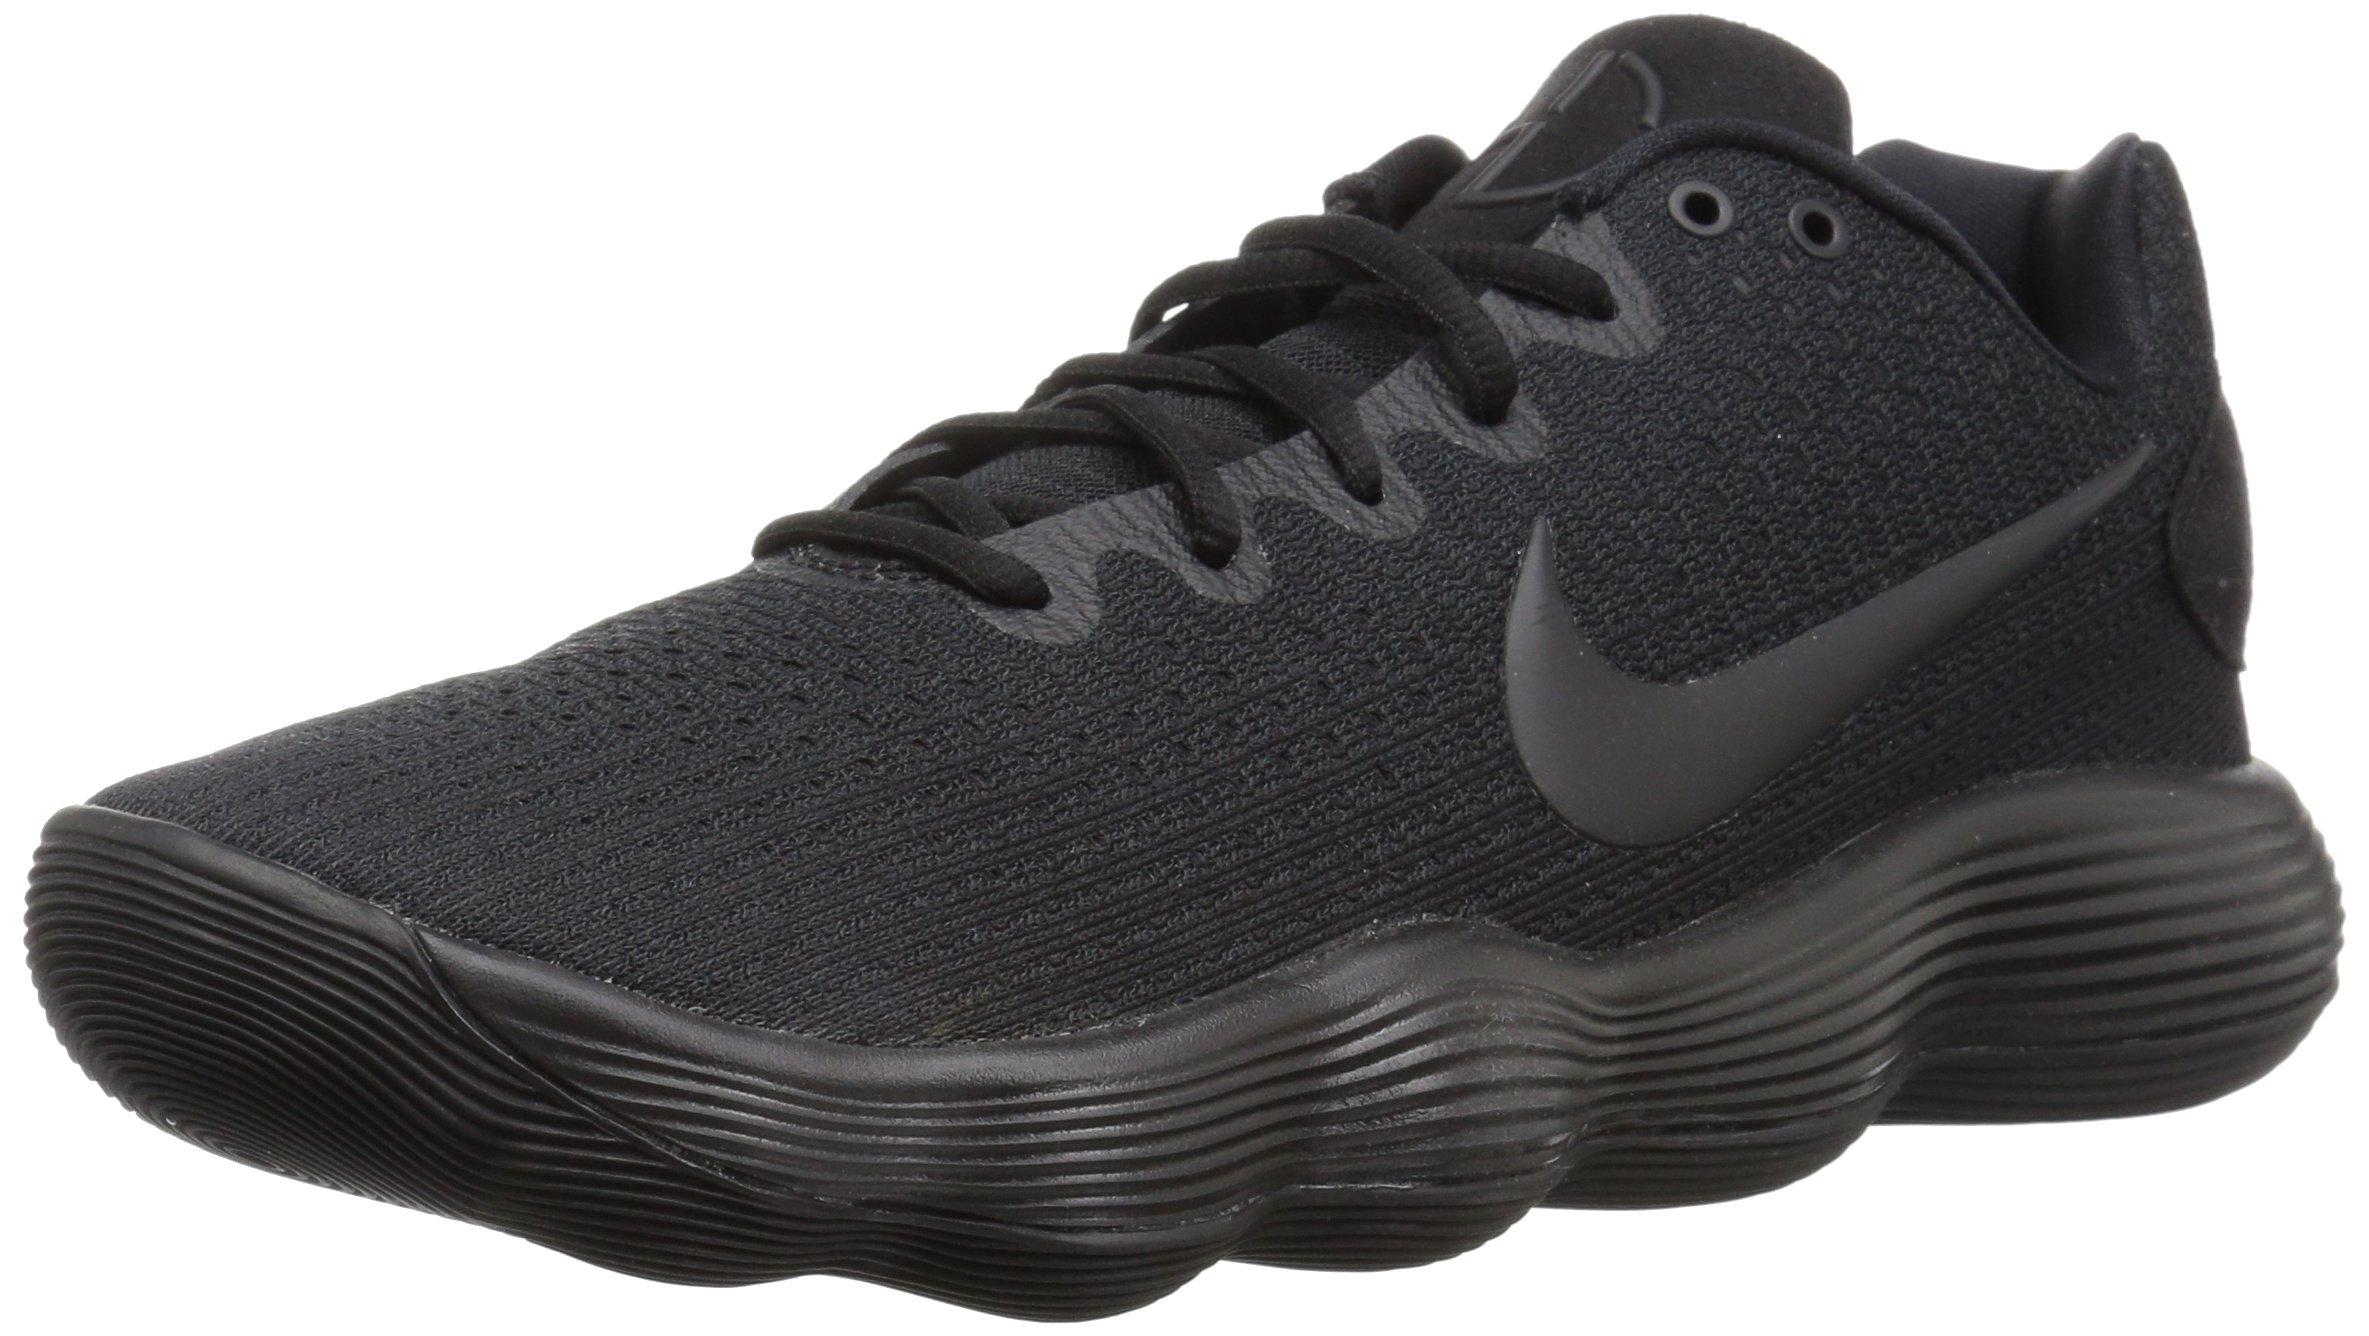 check out ea99a b3269 Galleon - Nike Men s Hyperdunk 2017 Low Basketball Shoe Black Dark Grey Size  12 M US